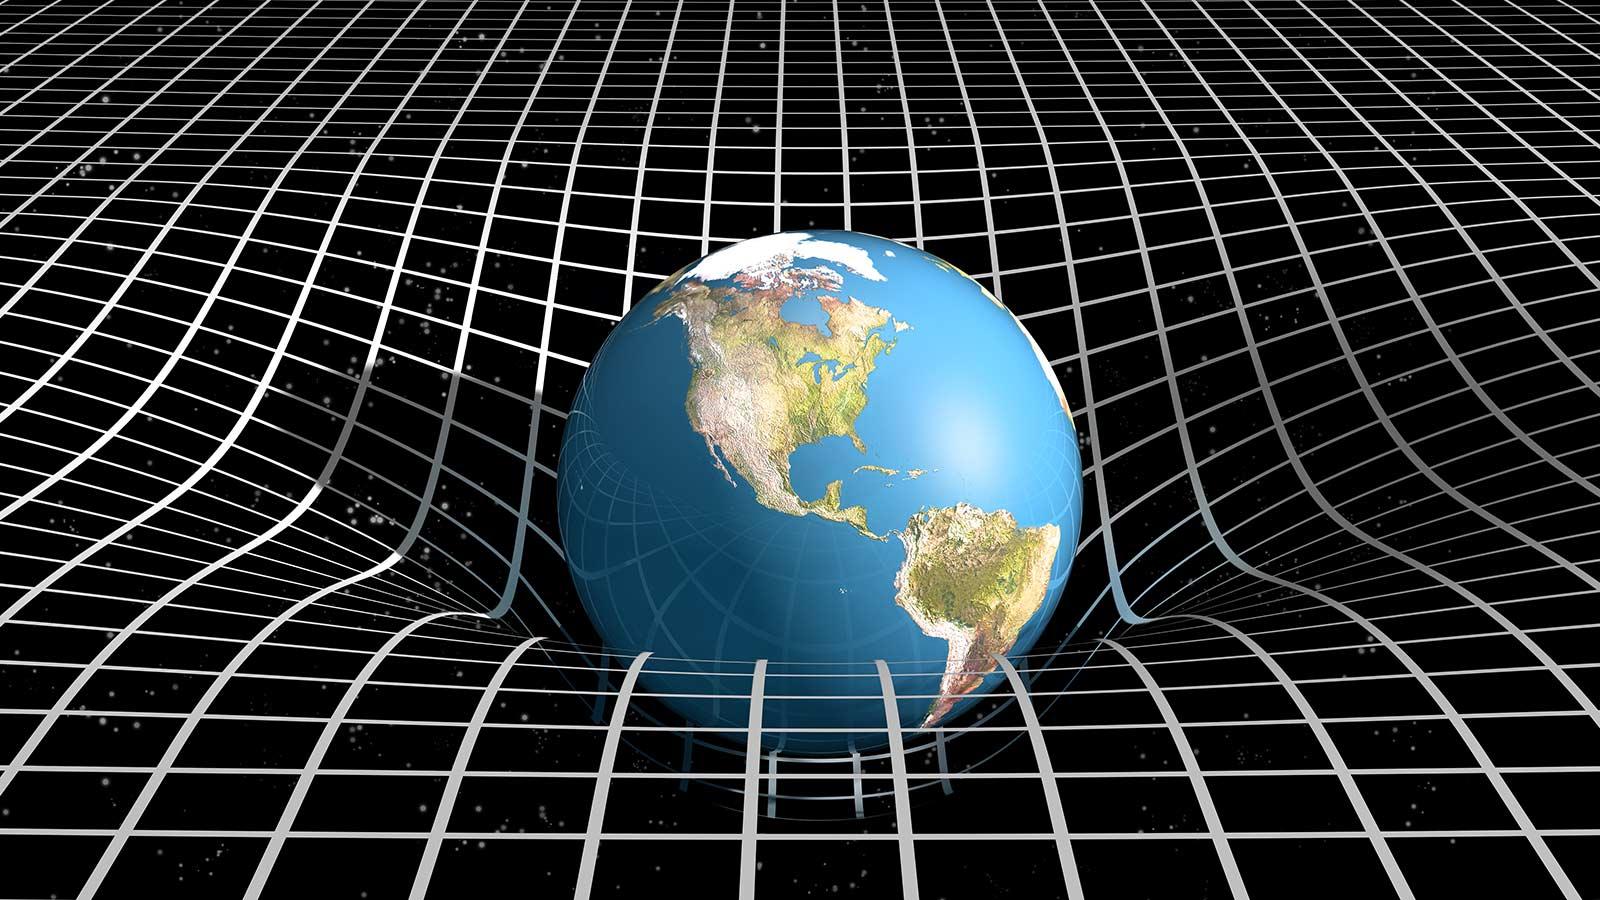 Tyngdekraft er et fascinerende fænomen